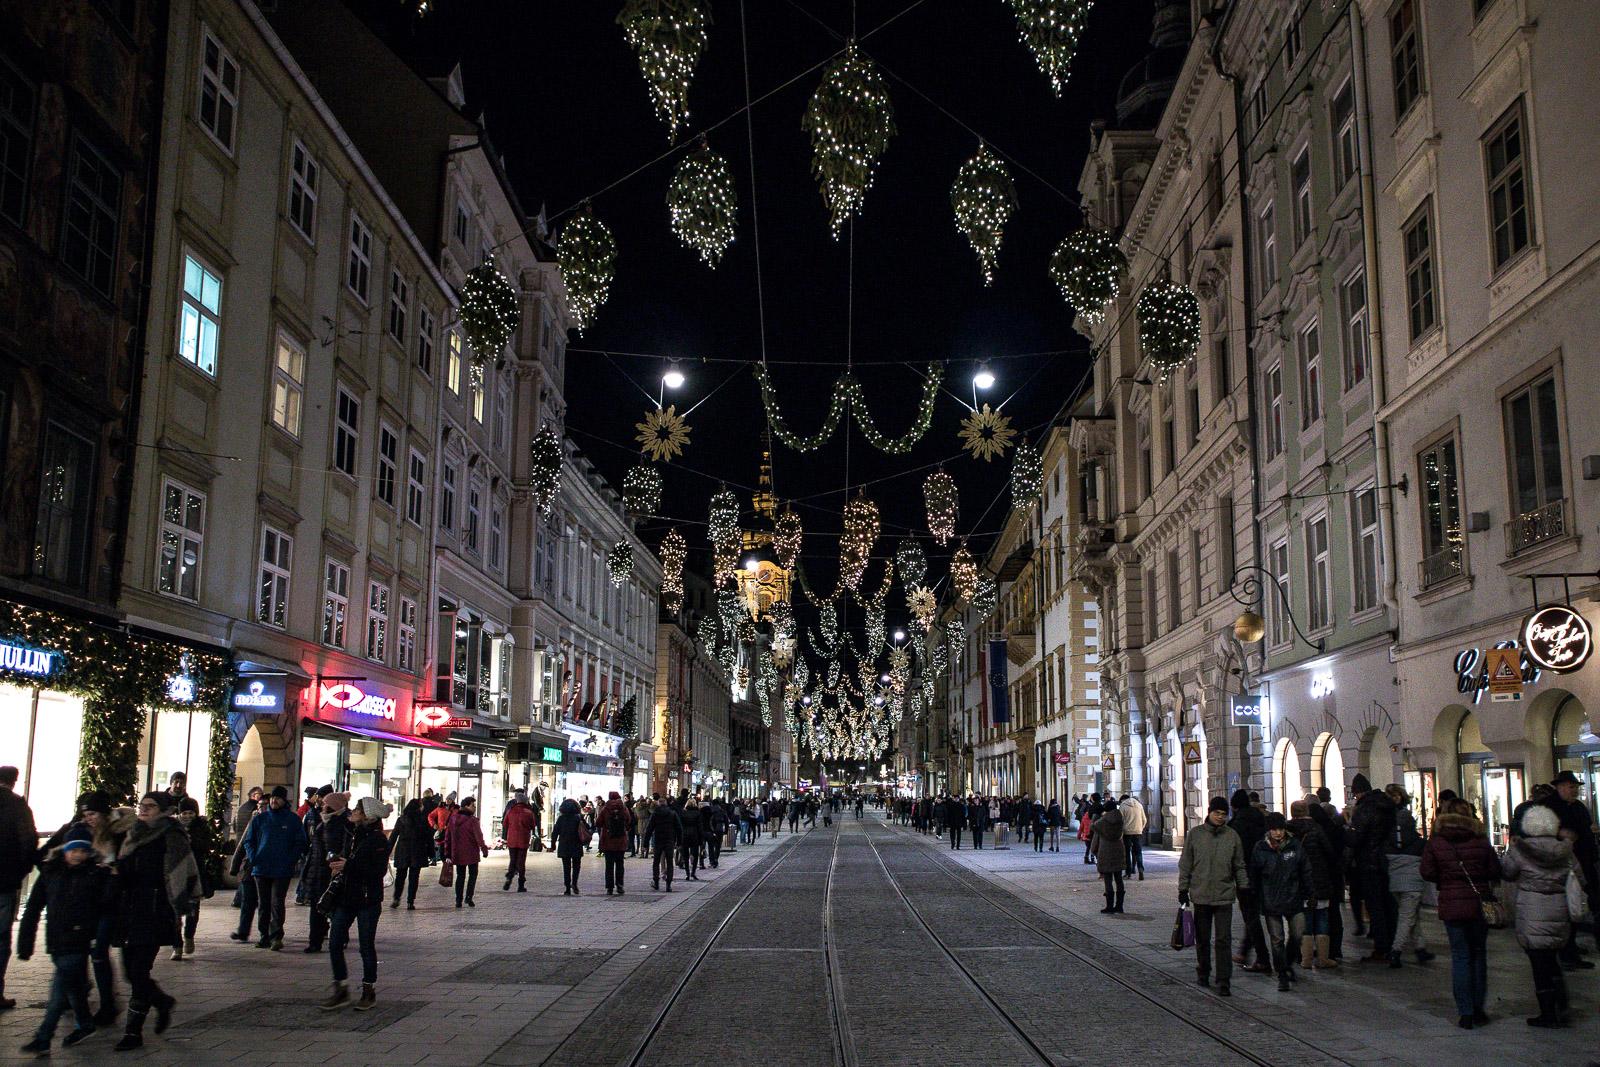 LIFESTYLE Adventszeit in Graz - Weihnachtsmärkte, Miss Classy, Lifestyle Blog Graz, classy, Christkindlmarkt, Weihnachtsmarkt, Graz, Glühwein, Punsch, Advent in Graz, Herrengasse